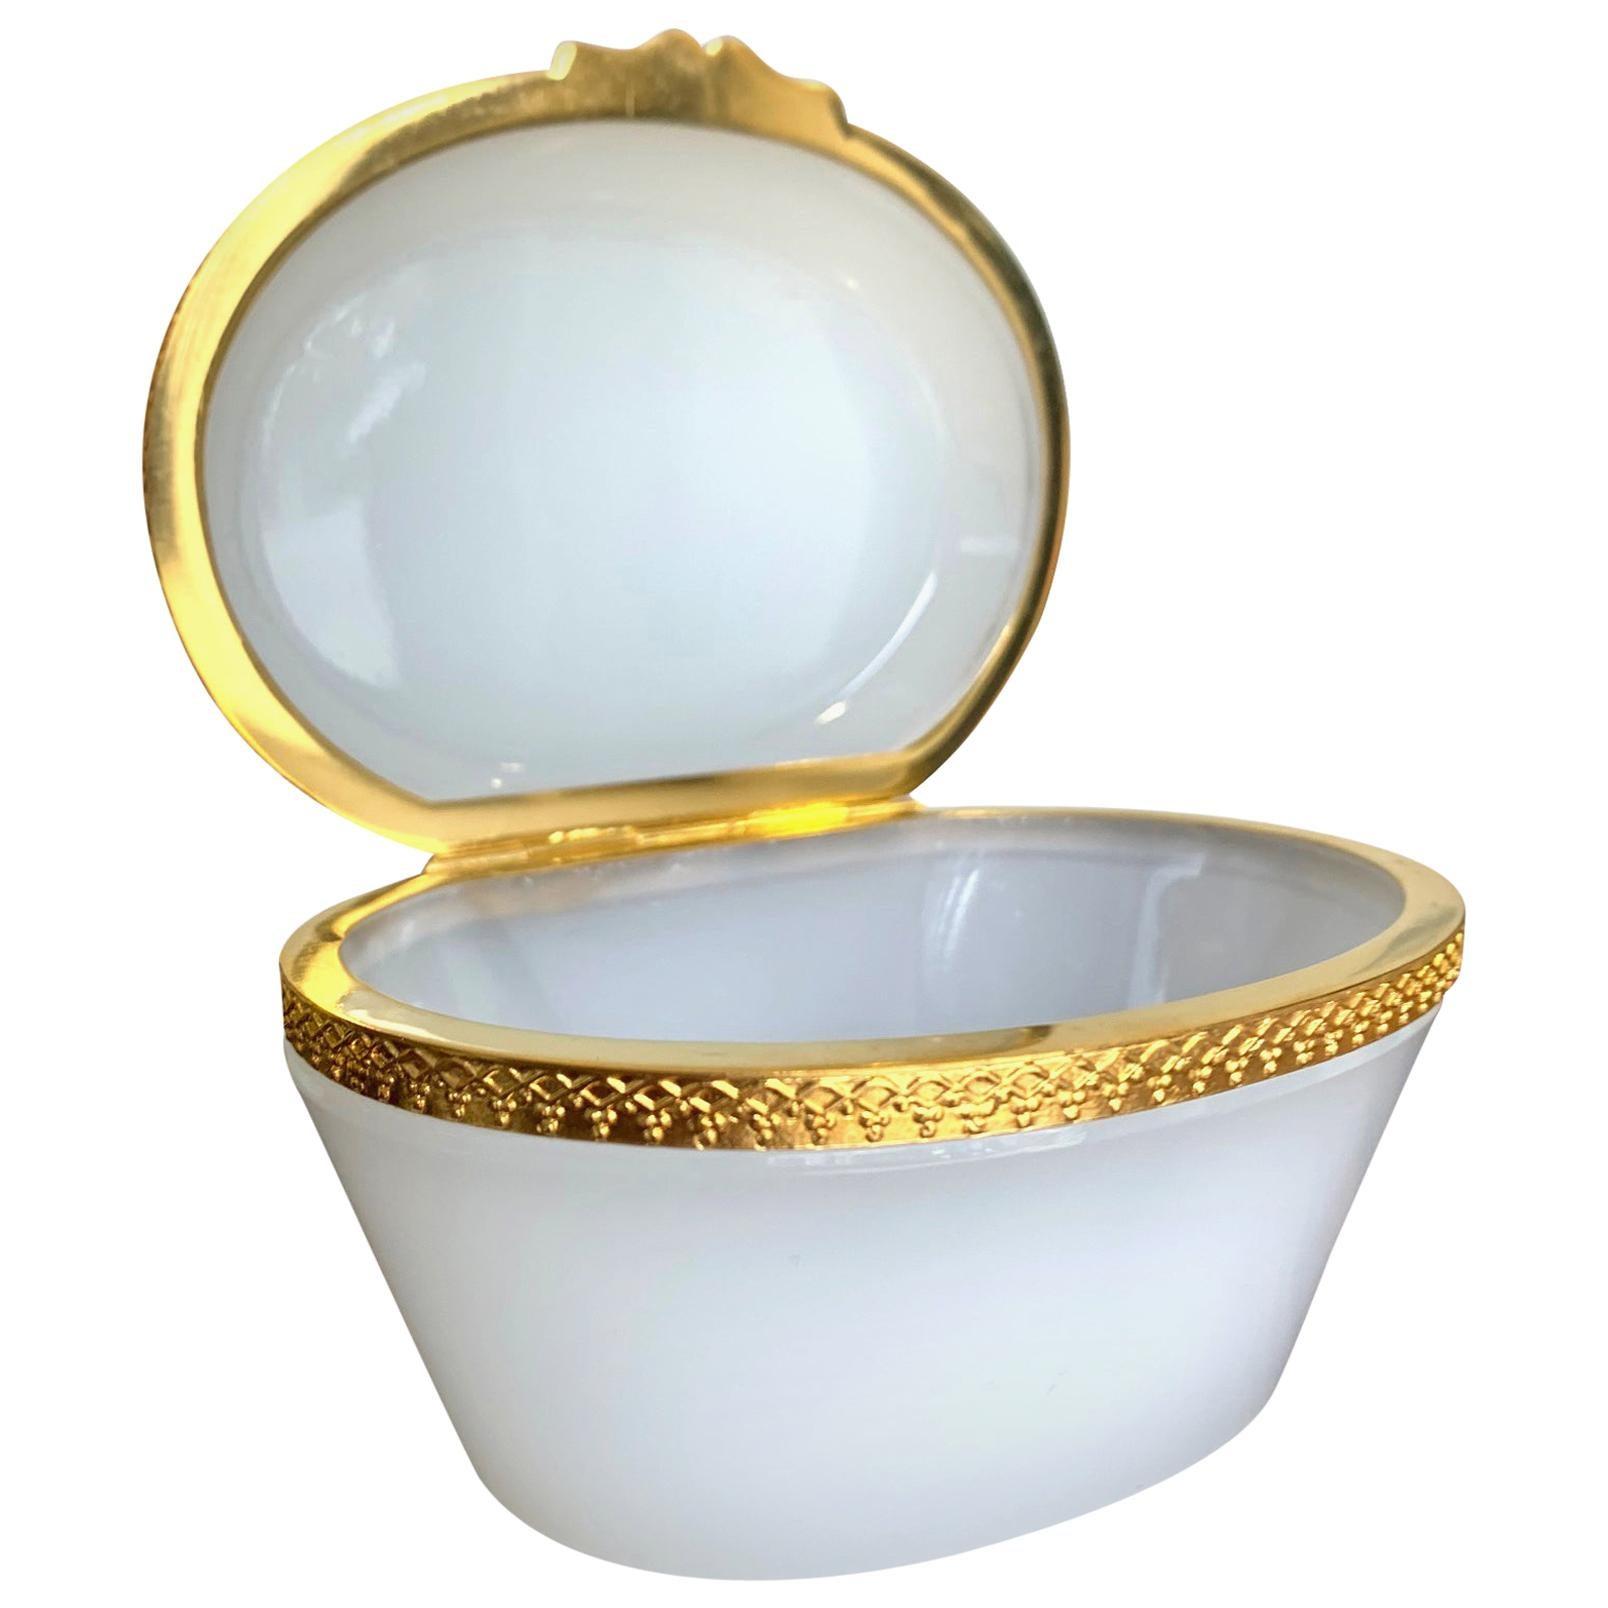 Stunning 1950s White Murano Glass Hinged Jewelry Box by Cendese Murano, Italy